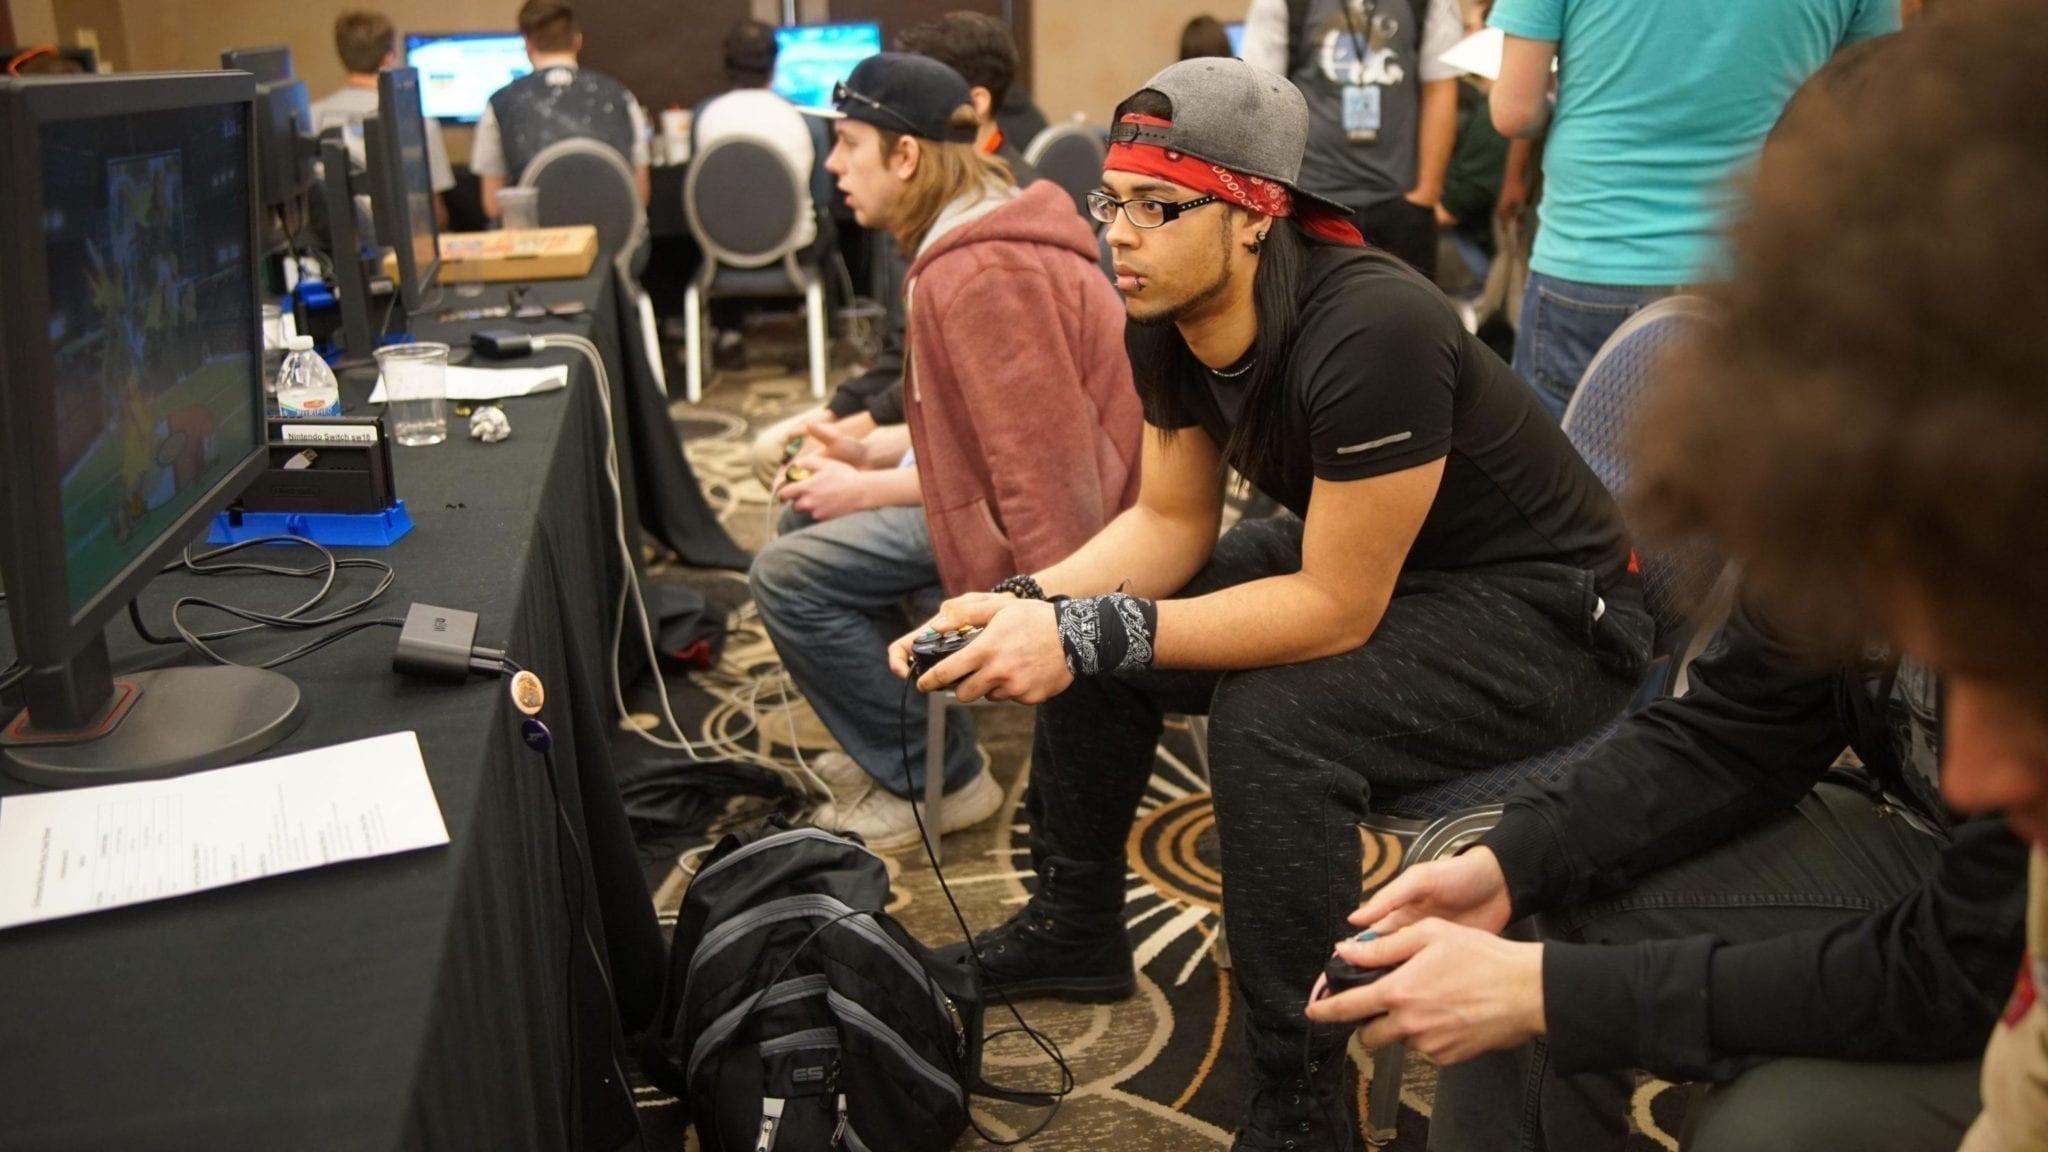 Jugadores divirtiéndose: el resultado de organizar un torneo de videojuegos.